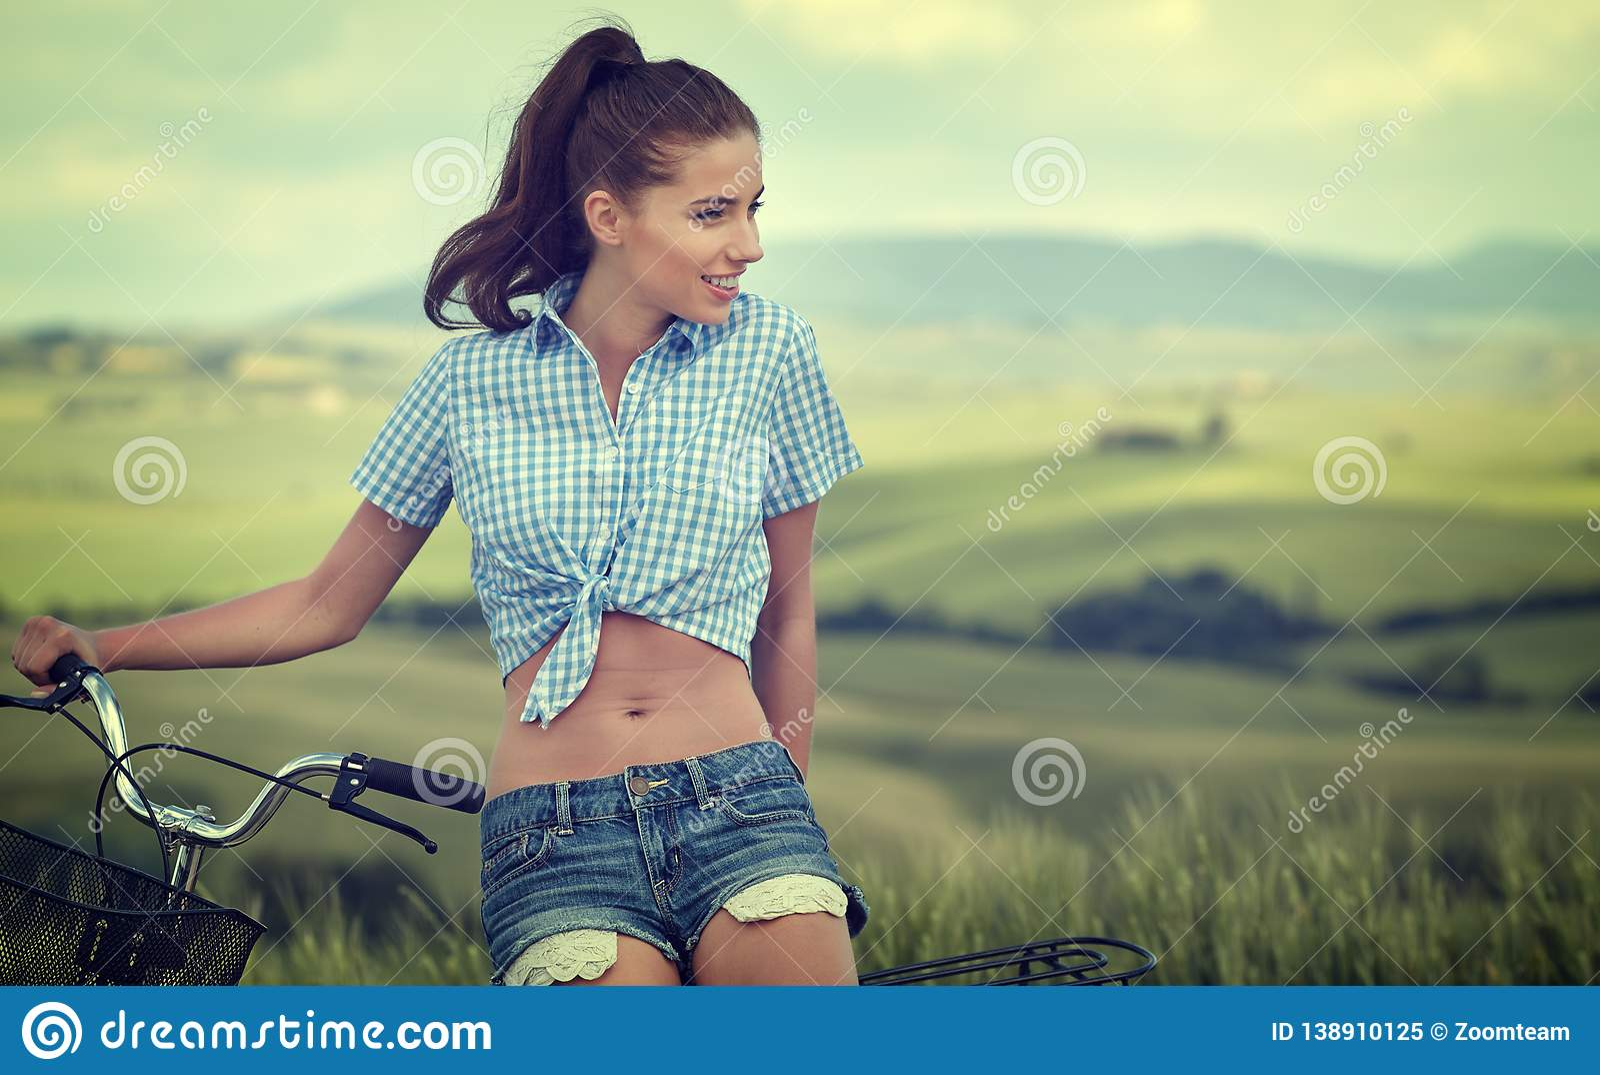 Красивая винтажная девушка сидя рядом с велосипедом, летом